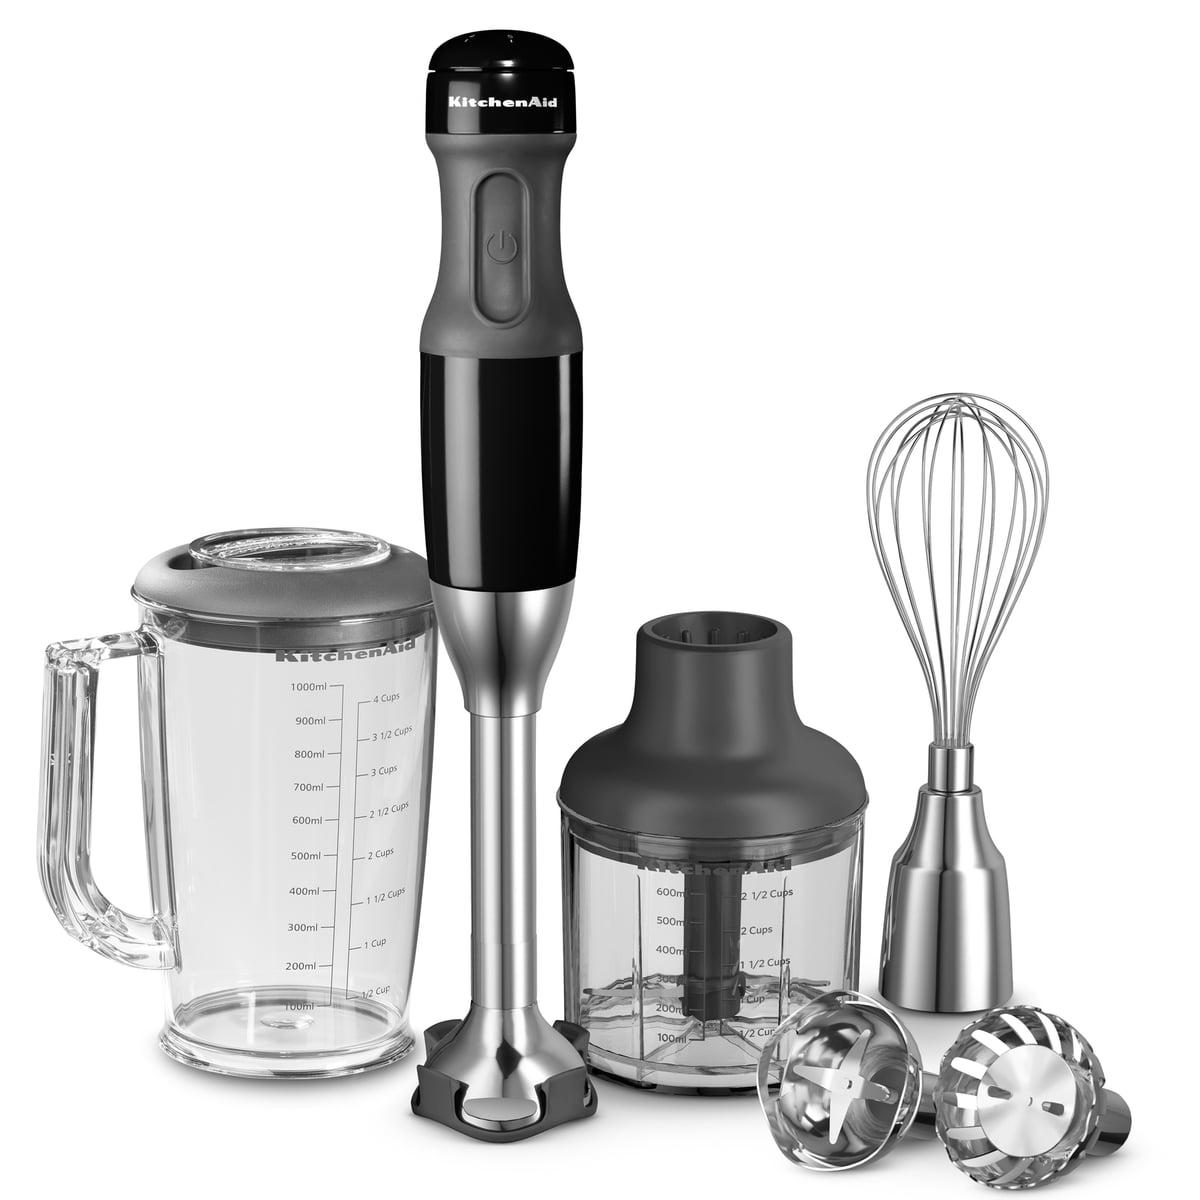 mixeur plongeant de kitchenaid | connox